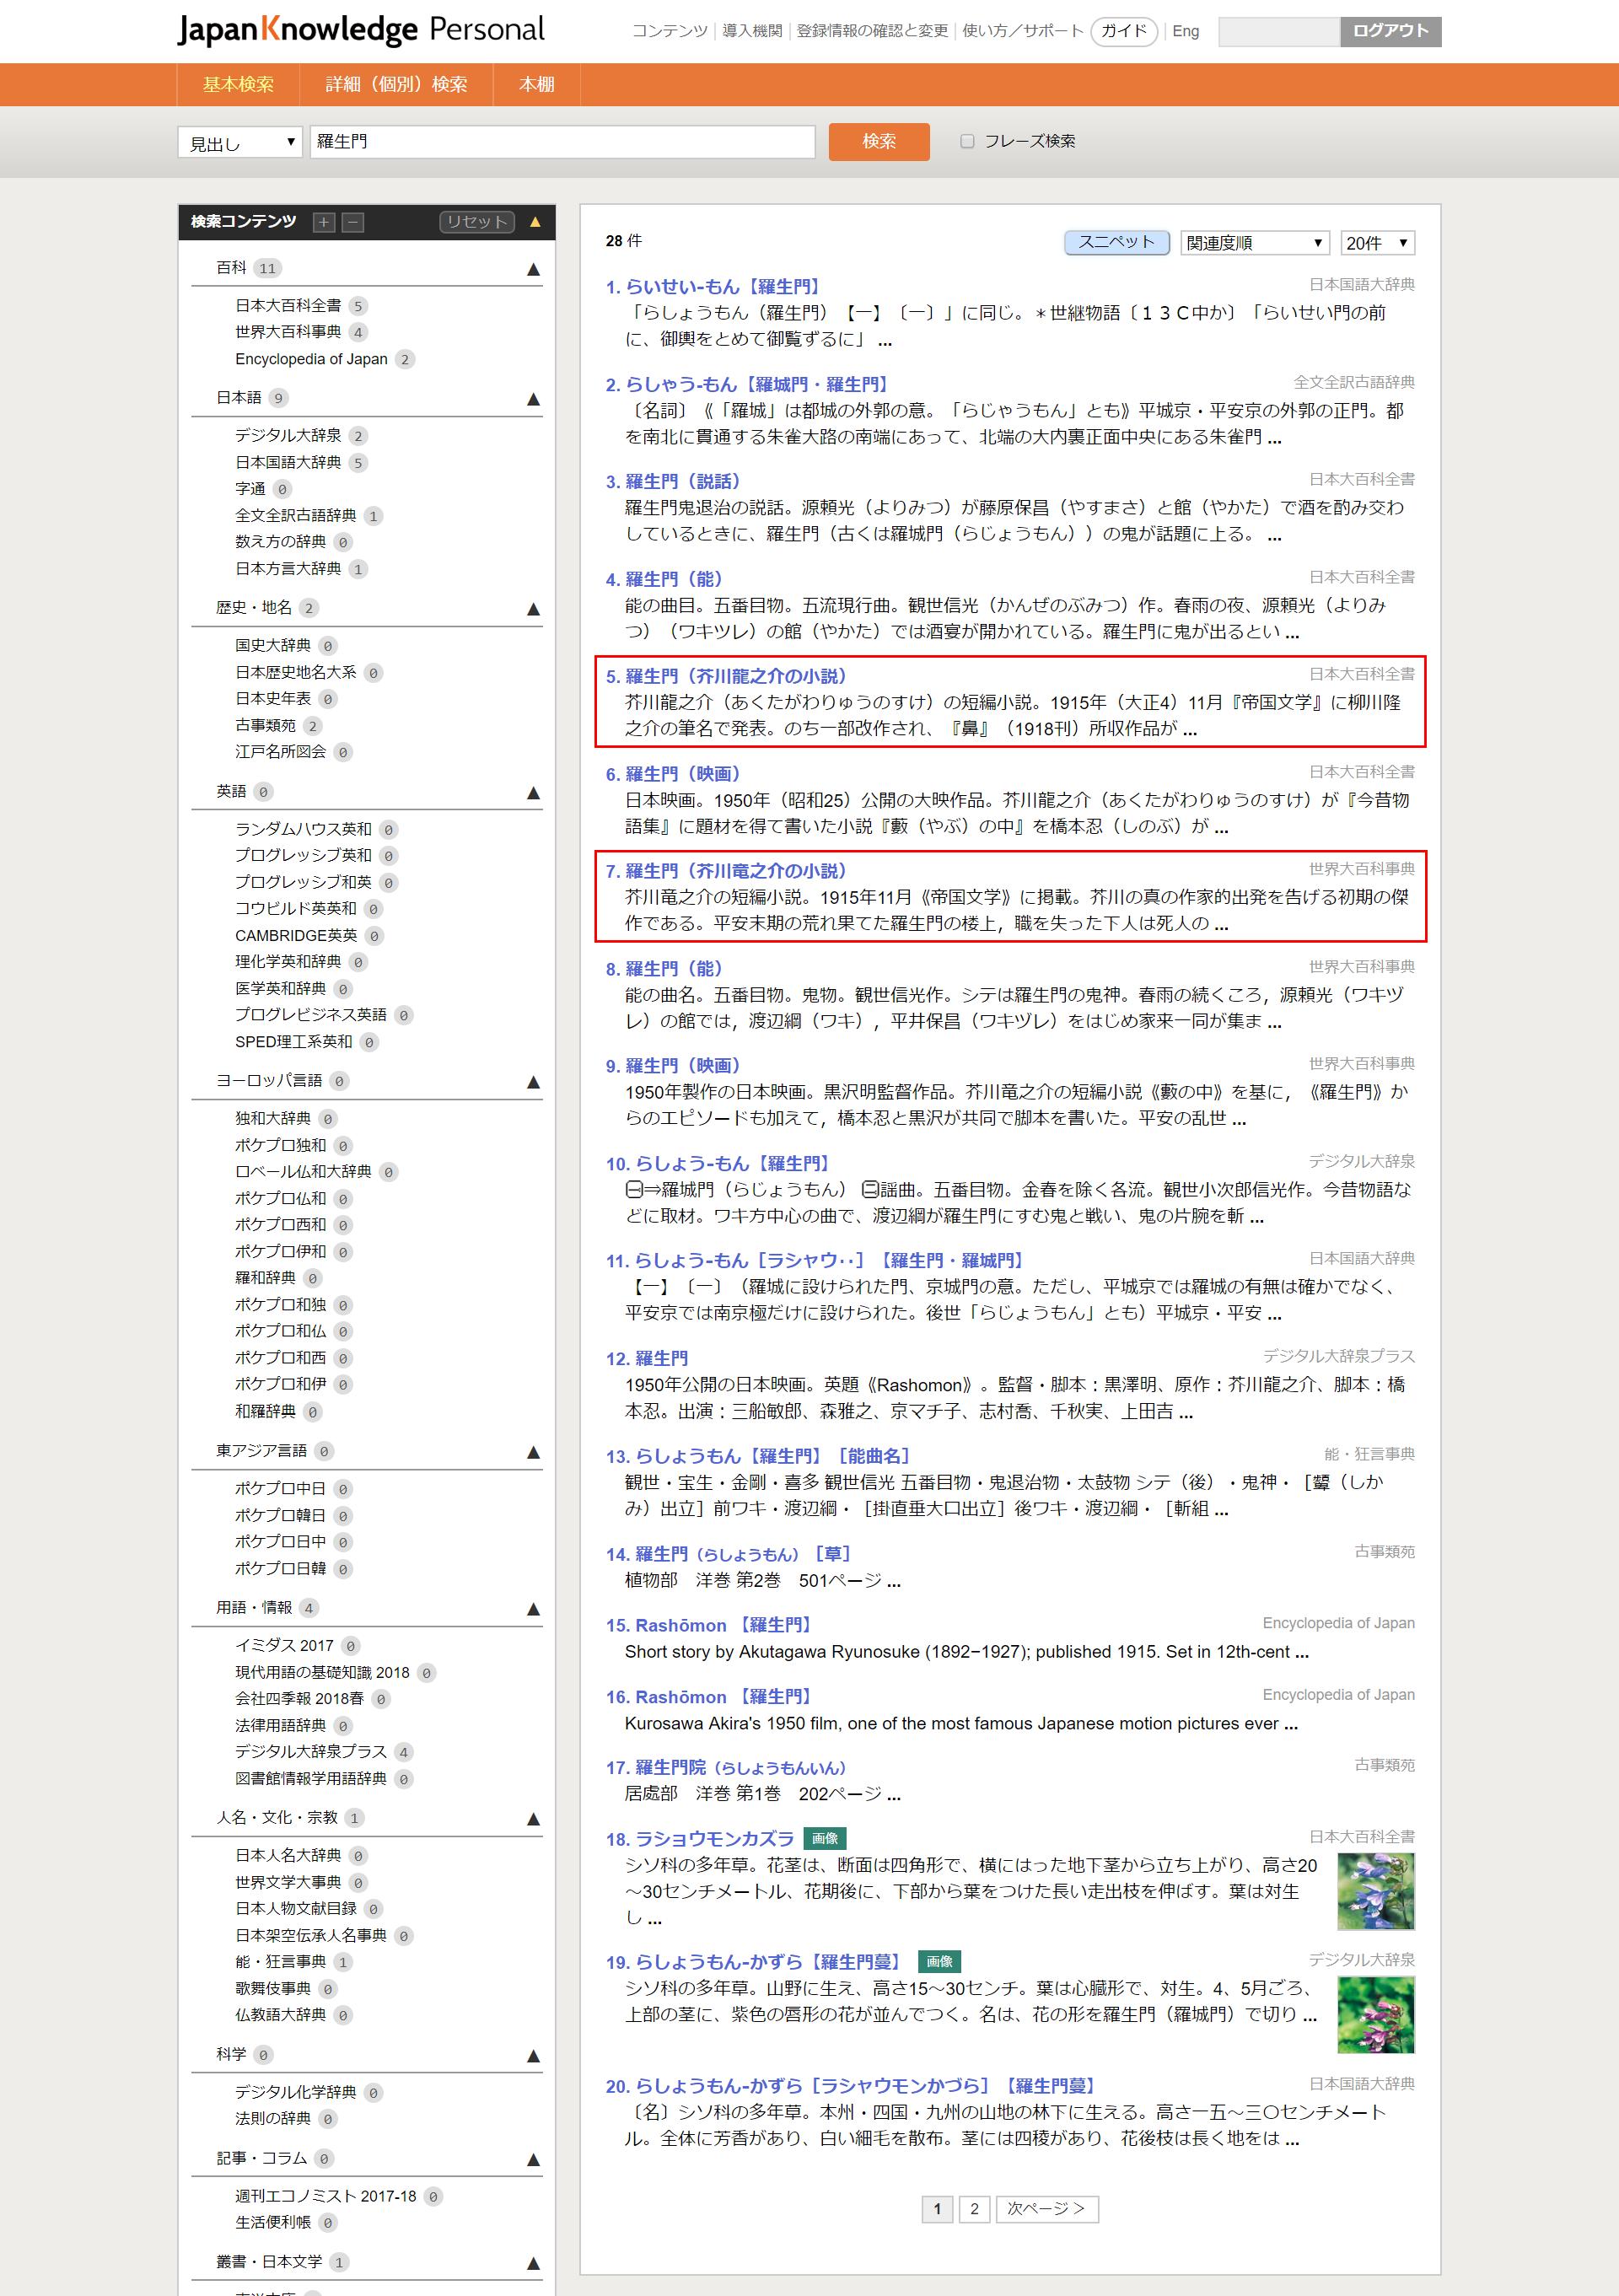 ジャパンナレッジで羅生門を検索した結果